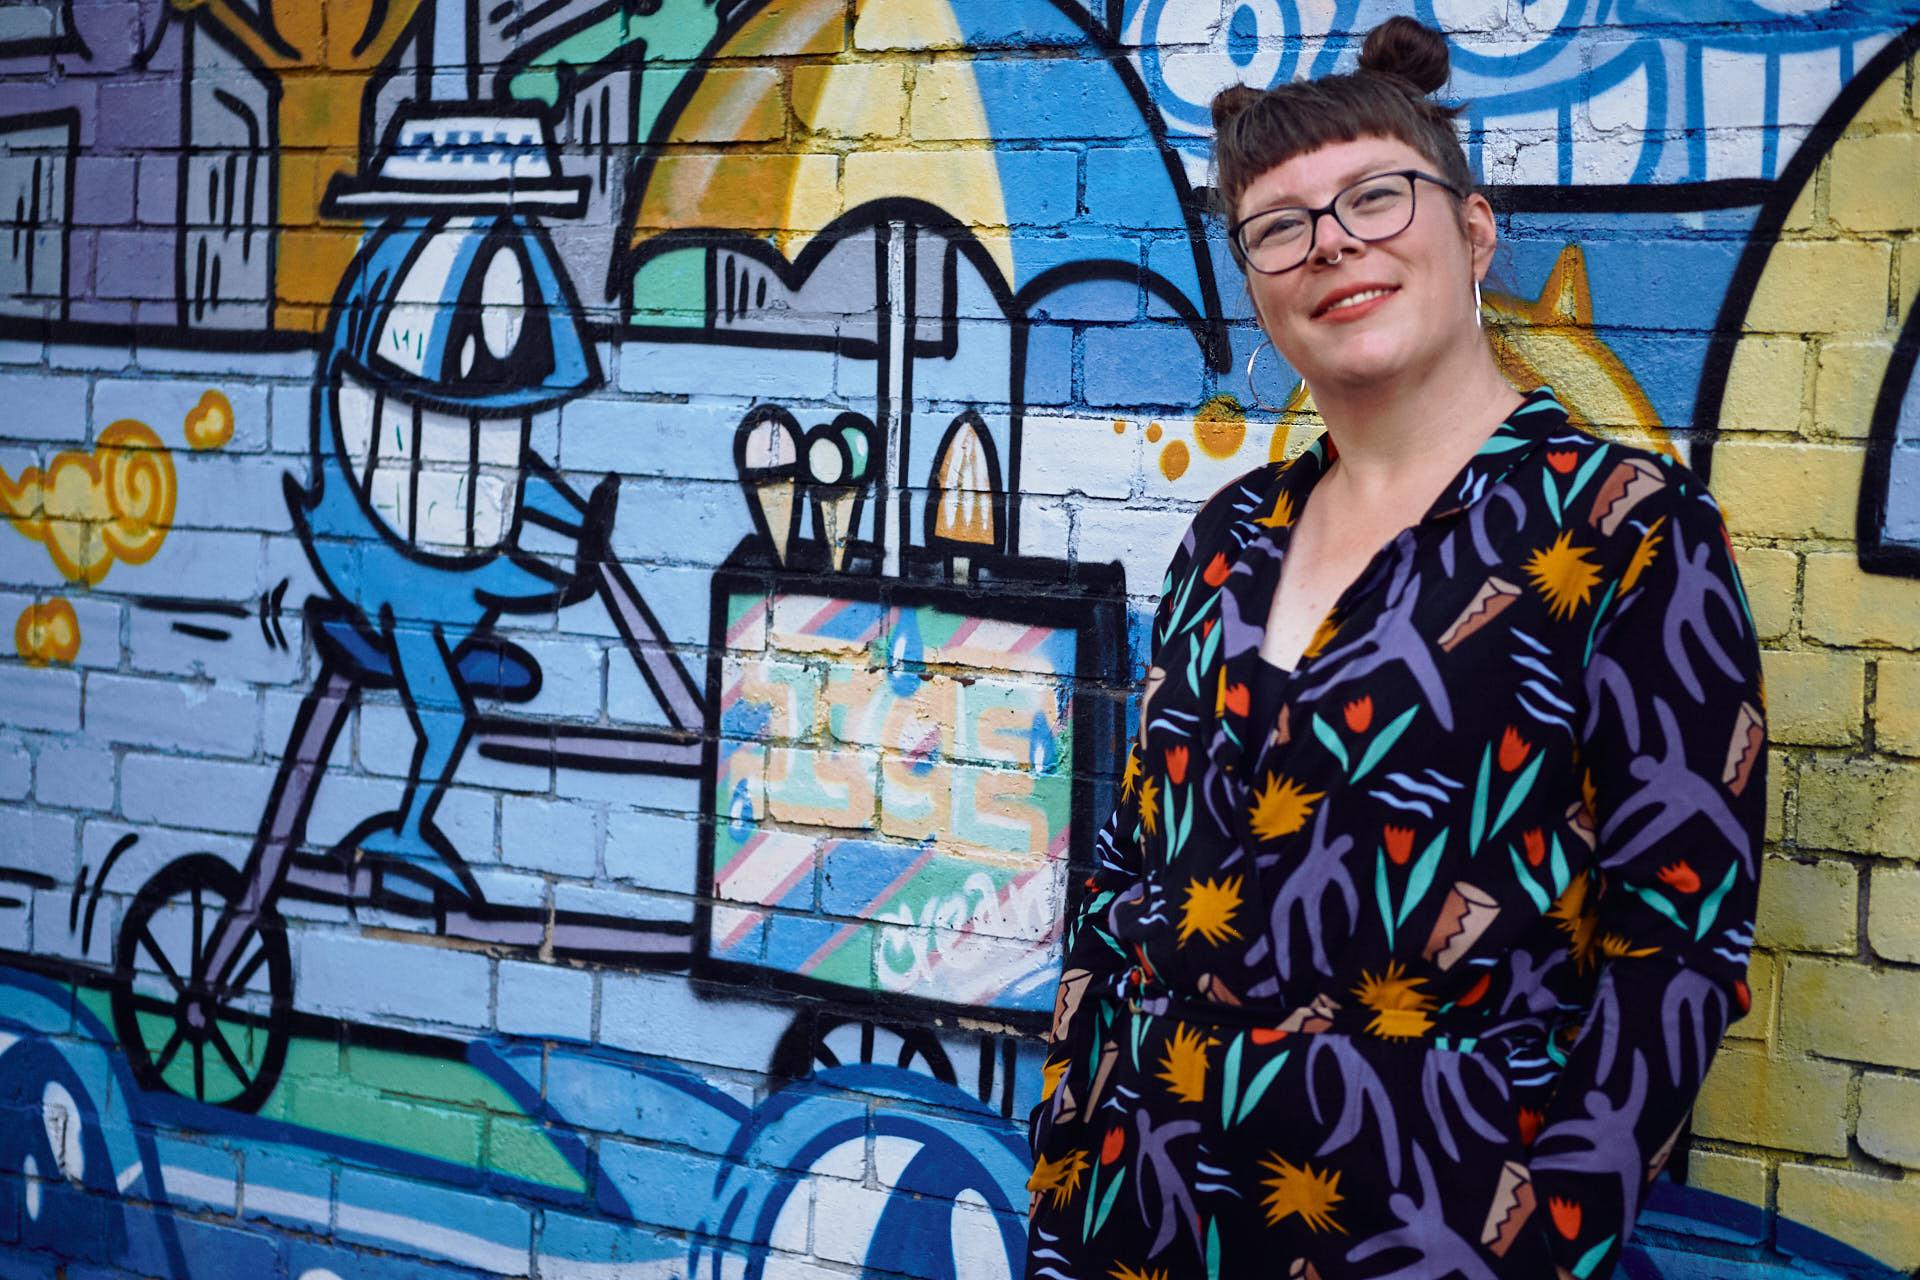 Sängerin Gitte Wolffson vor einer blauen Graffiti Wand in Köln